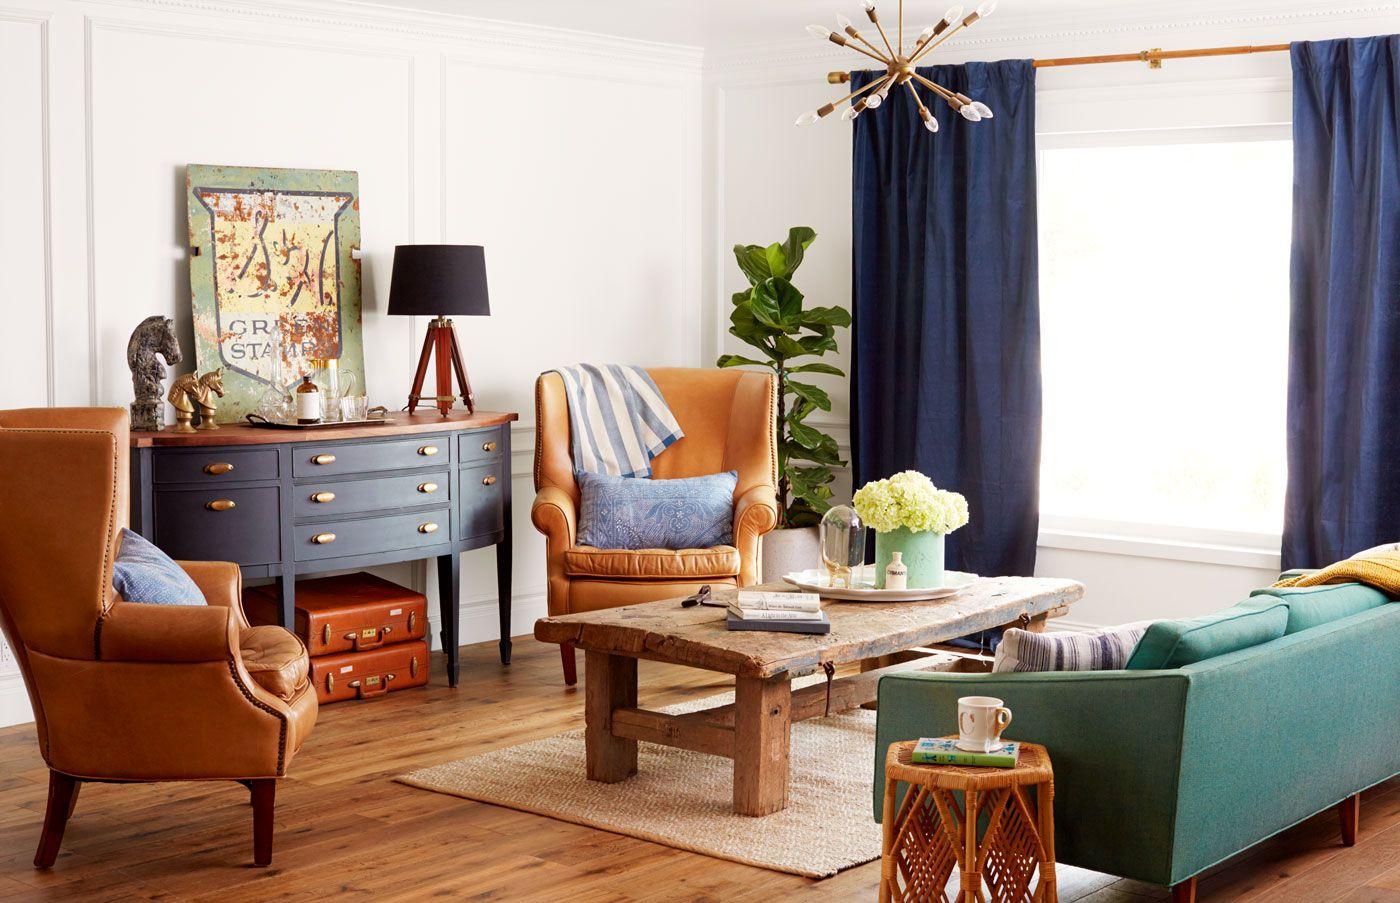 Schockierend, Grau Vorhänge Für Esszimmer Wohnzimmer Die Farbpalette Des  Raumes Ist Ein Weiteres Hilfreiches Tool